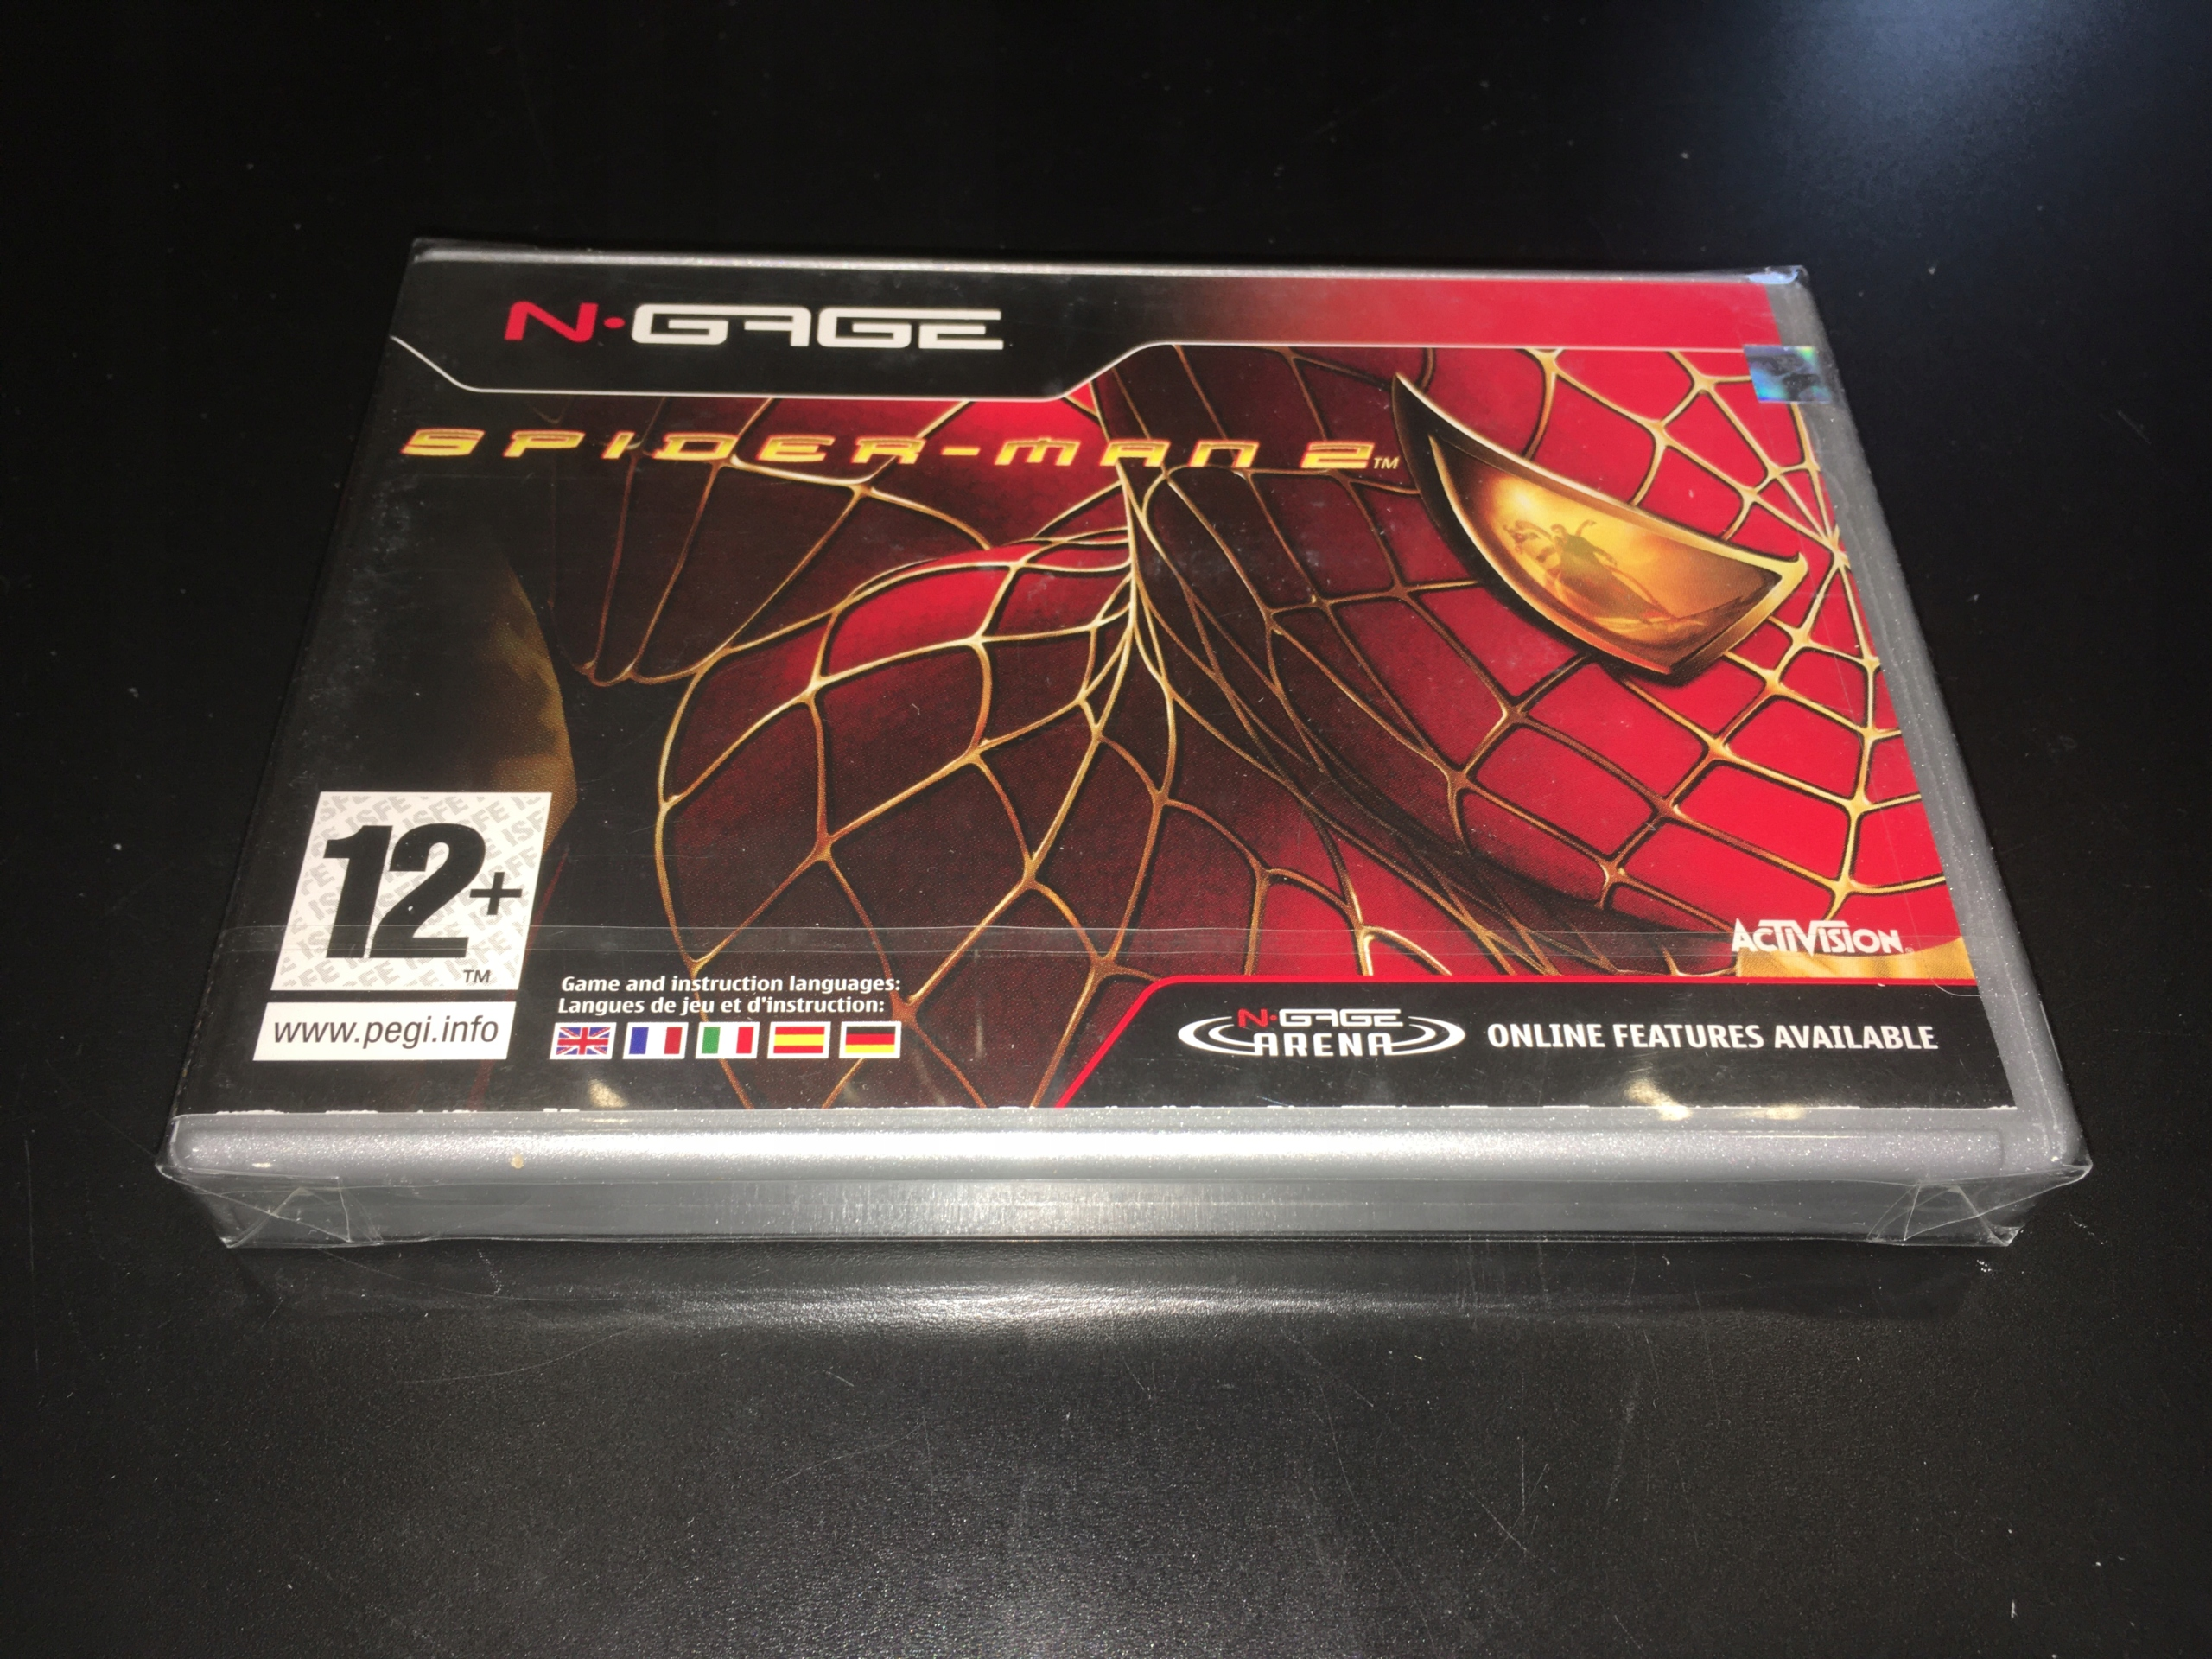 Spider-Man 2 / Nokia N-Gage